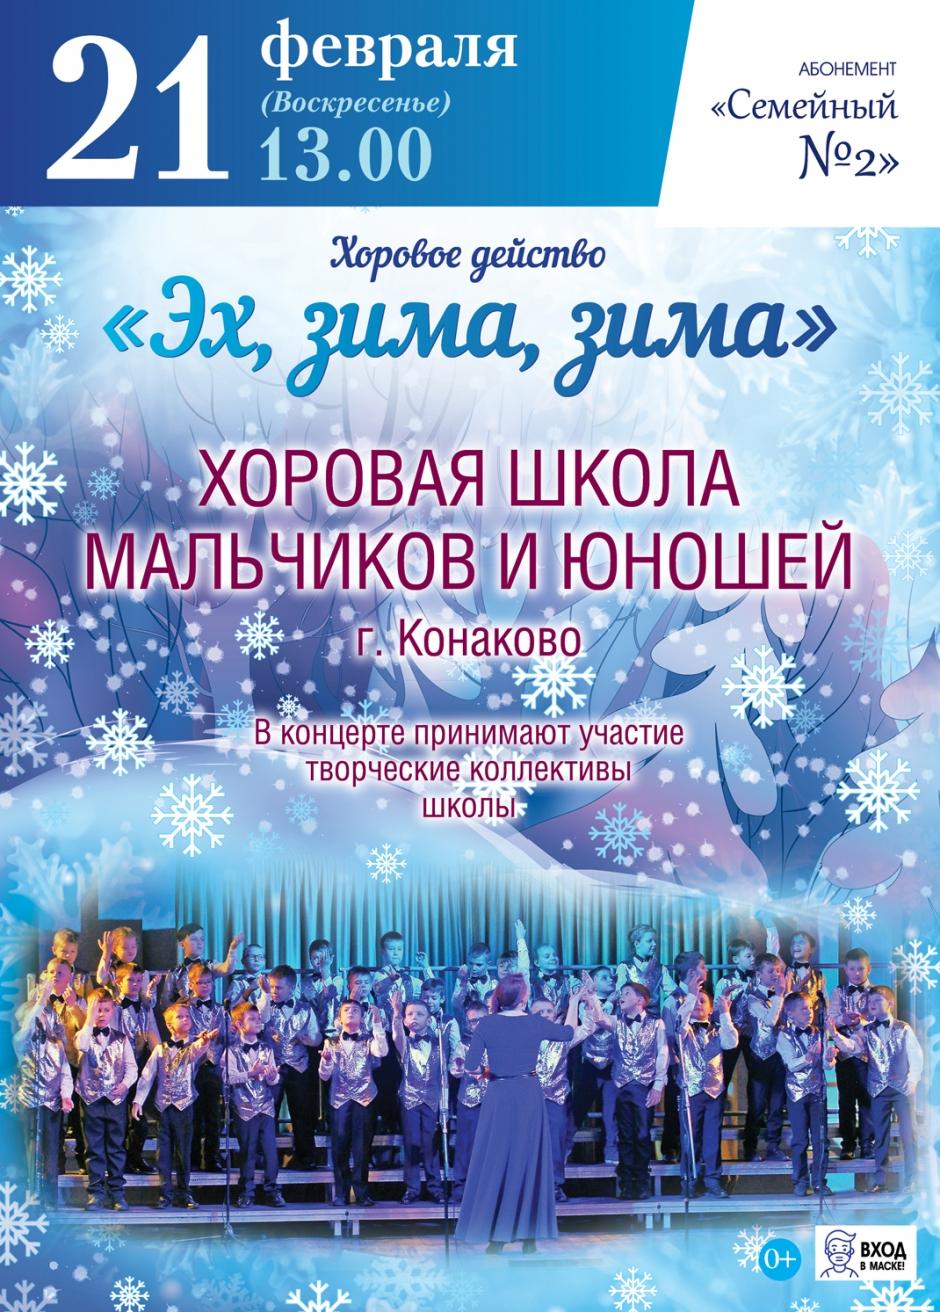 Тверская филармония приглашает гостей на хоровое действо «Эх, зима, зима»